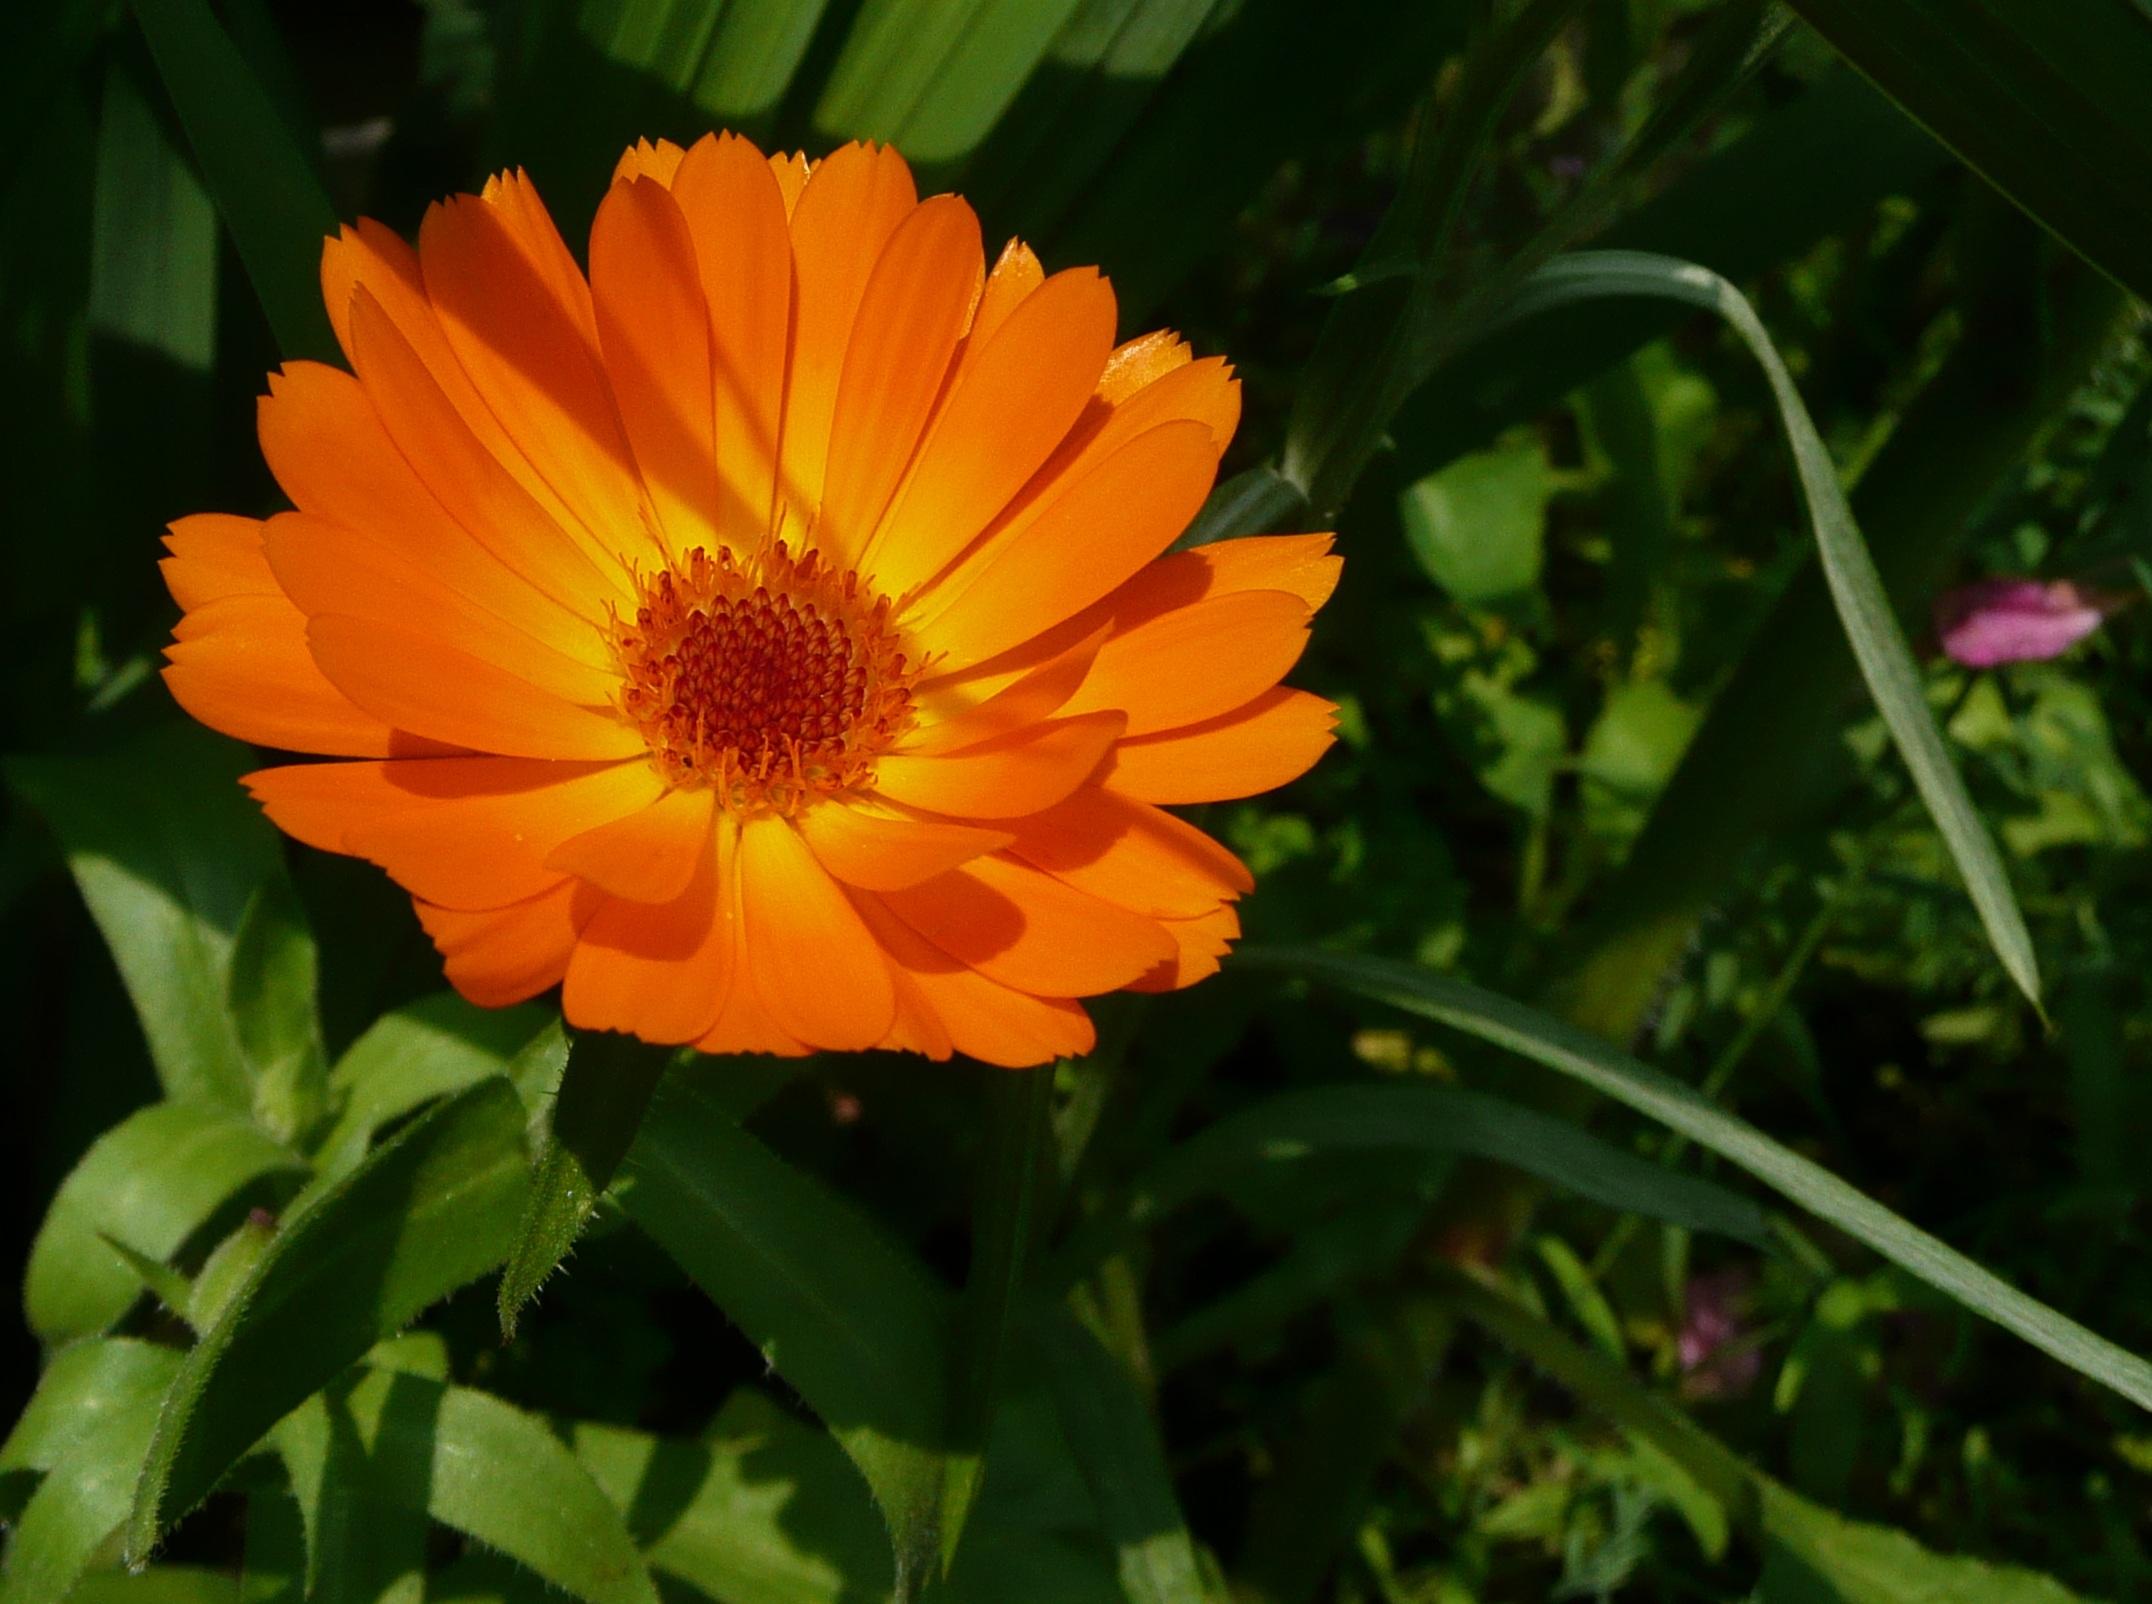 Pianta Fiori Arancioni.Immagini Belle Natura Prato Fiore Petalo Erba Botanica